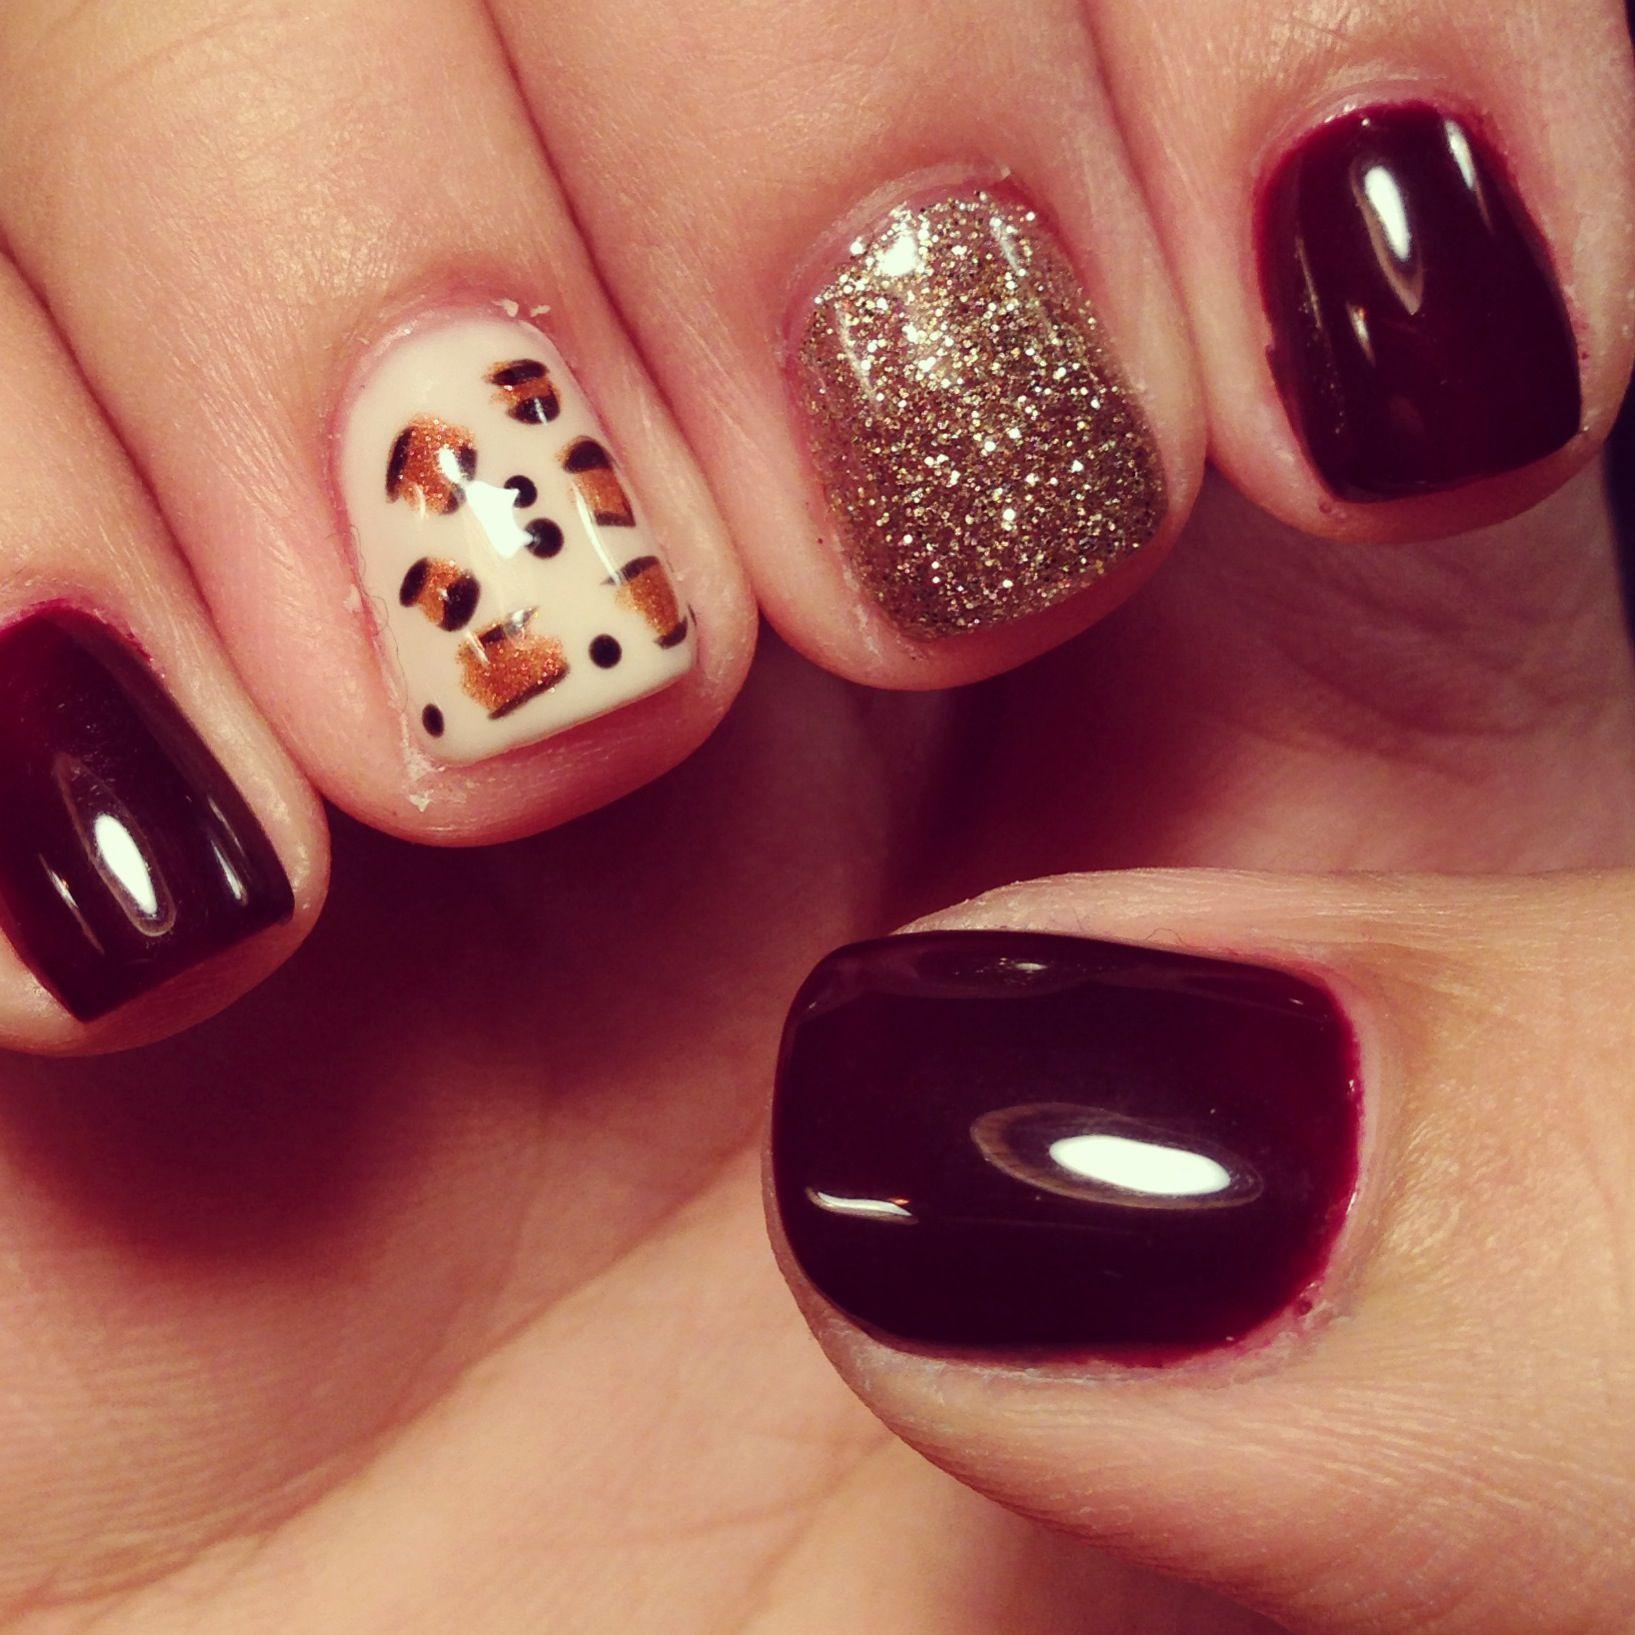 Shellac nails ❤ fall time | nails | Pinterest | Shellac nails ...